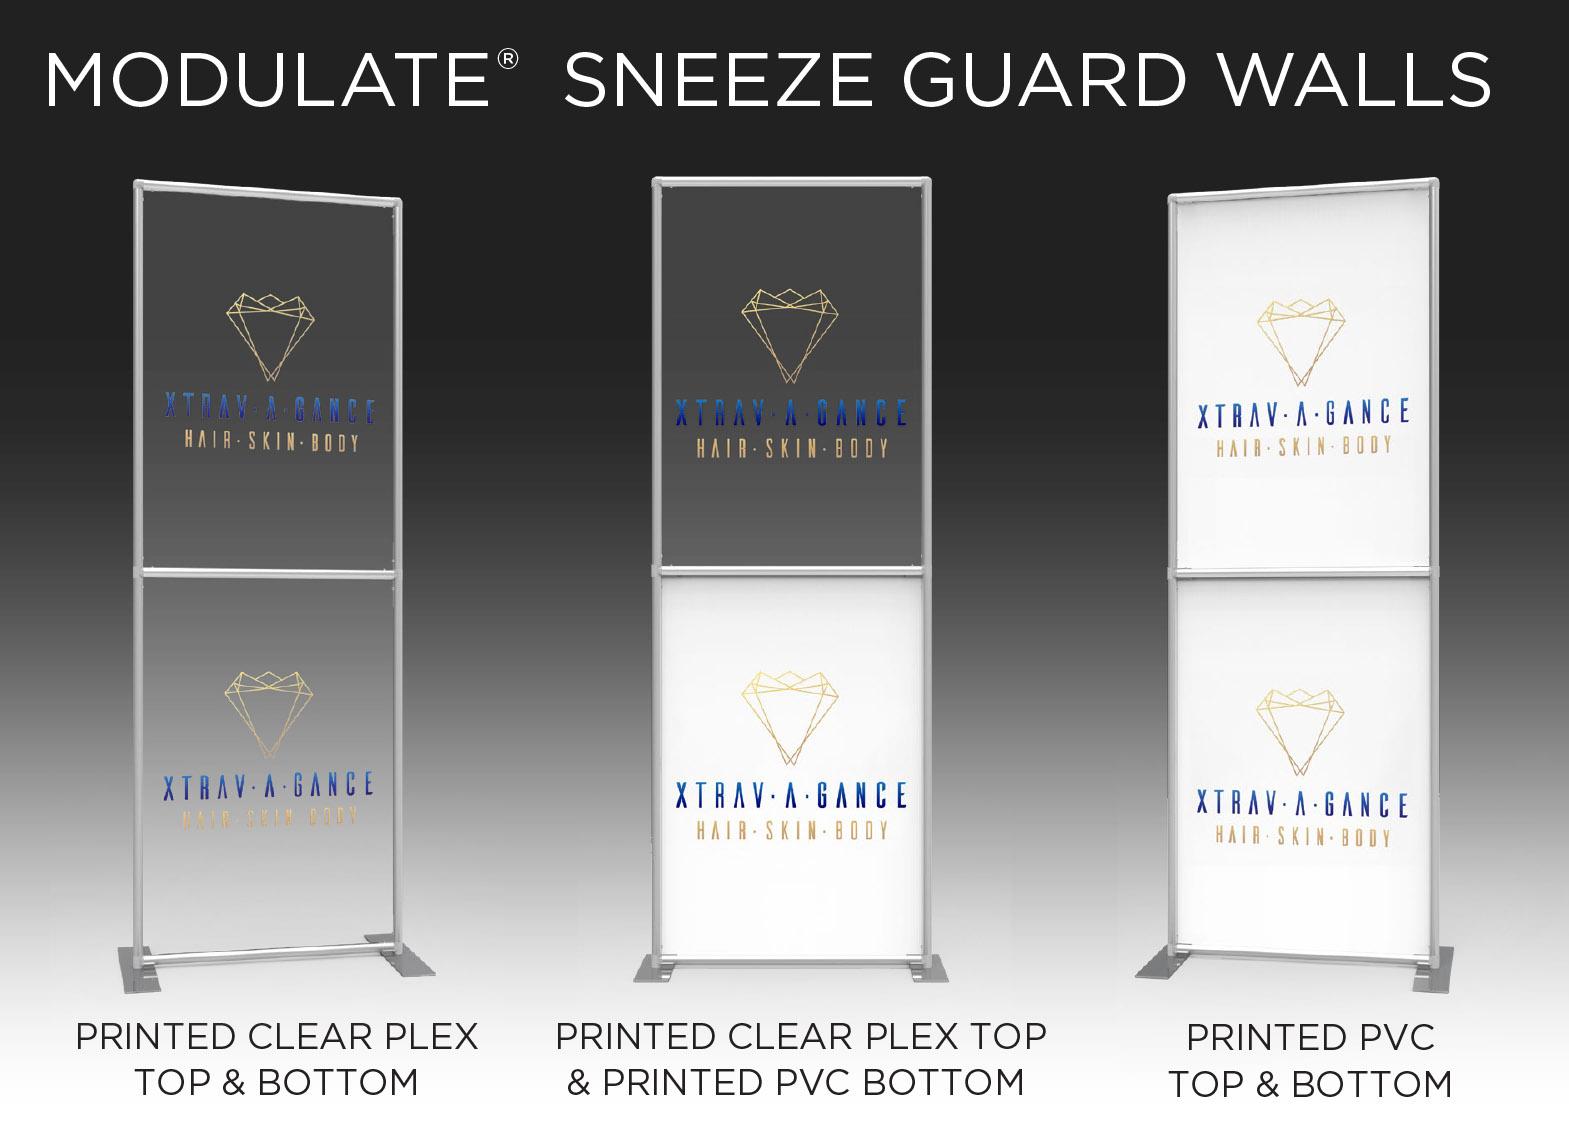 modulate-sneeze-guard-walls-3.jpg